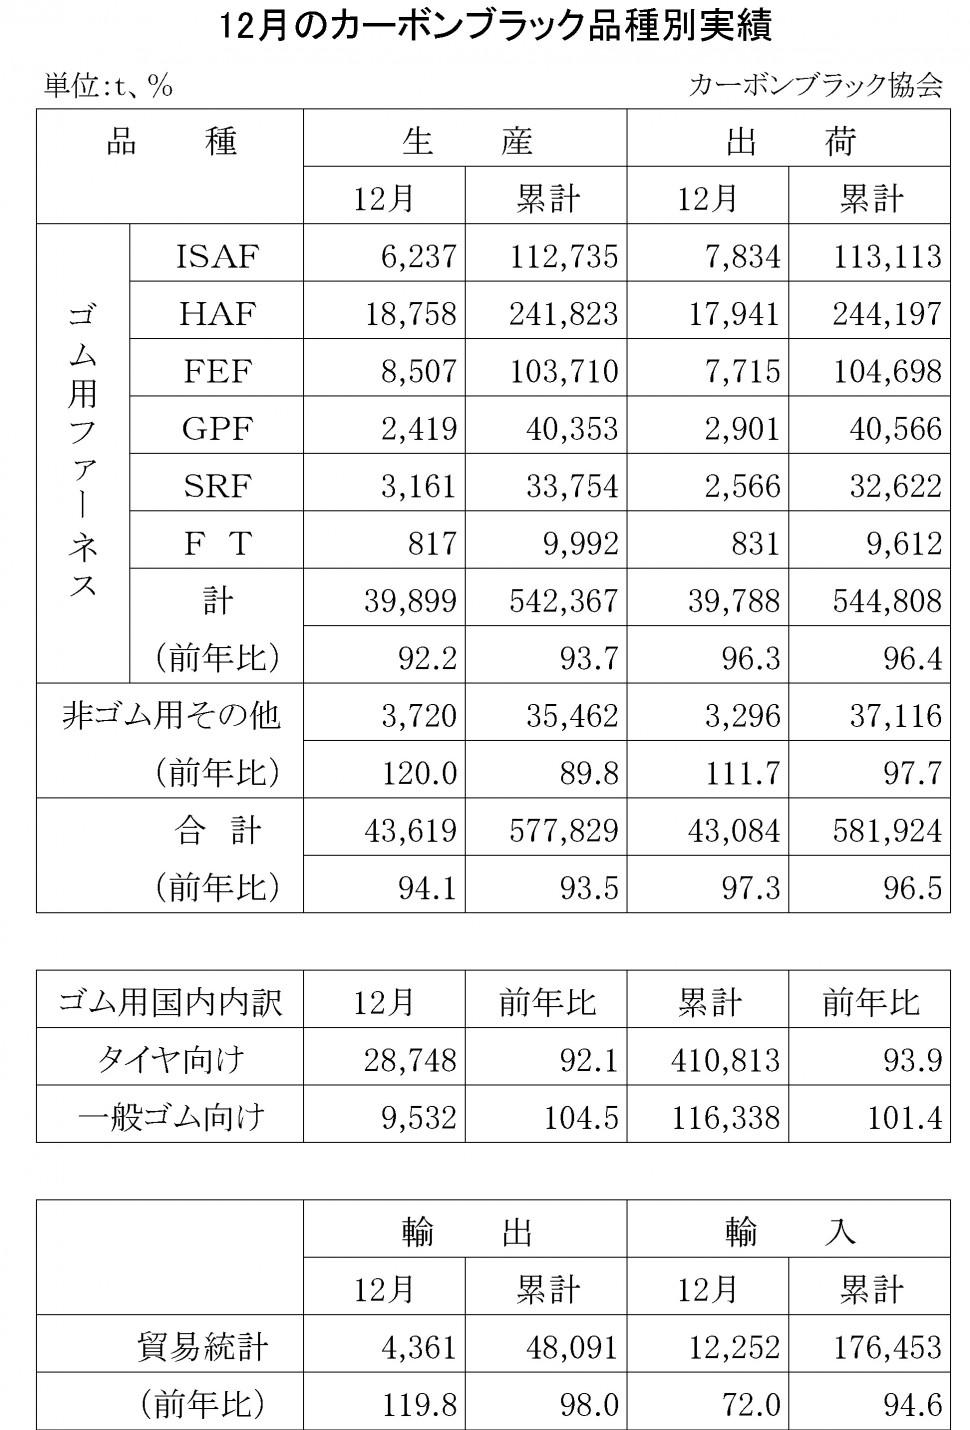 2015-12月のカーボンブラック品種別実績